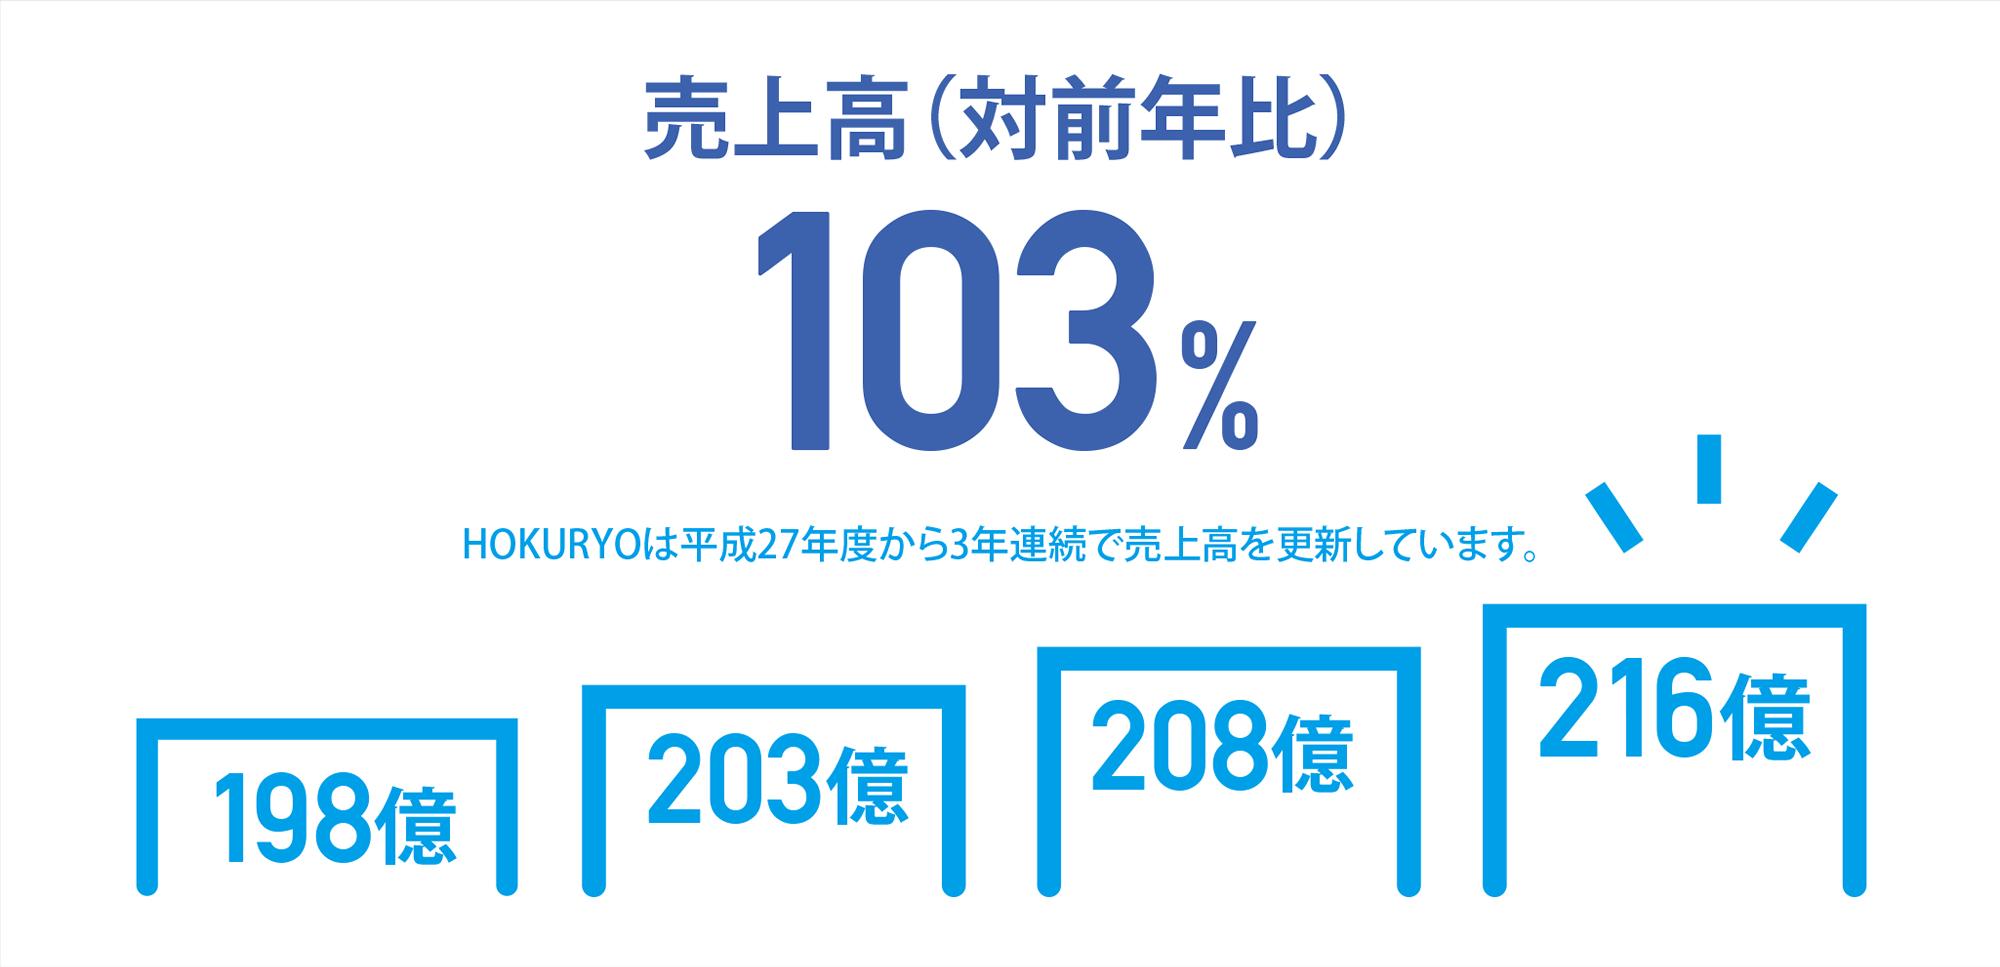 [売上高(対前年比)103%]HOKURYOは平成27年度から3年連続で売上高を更新しています。